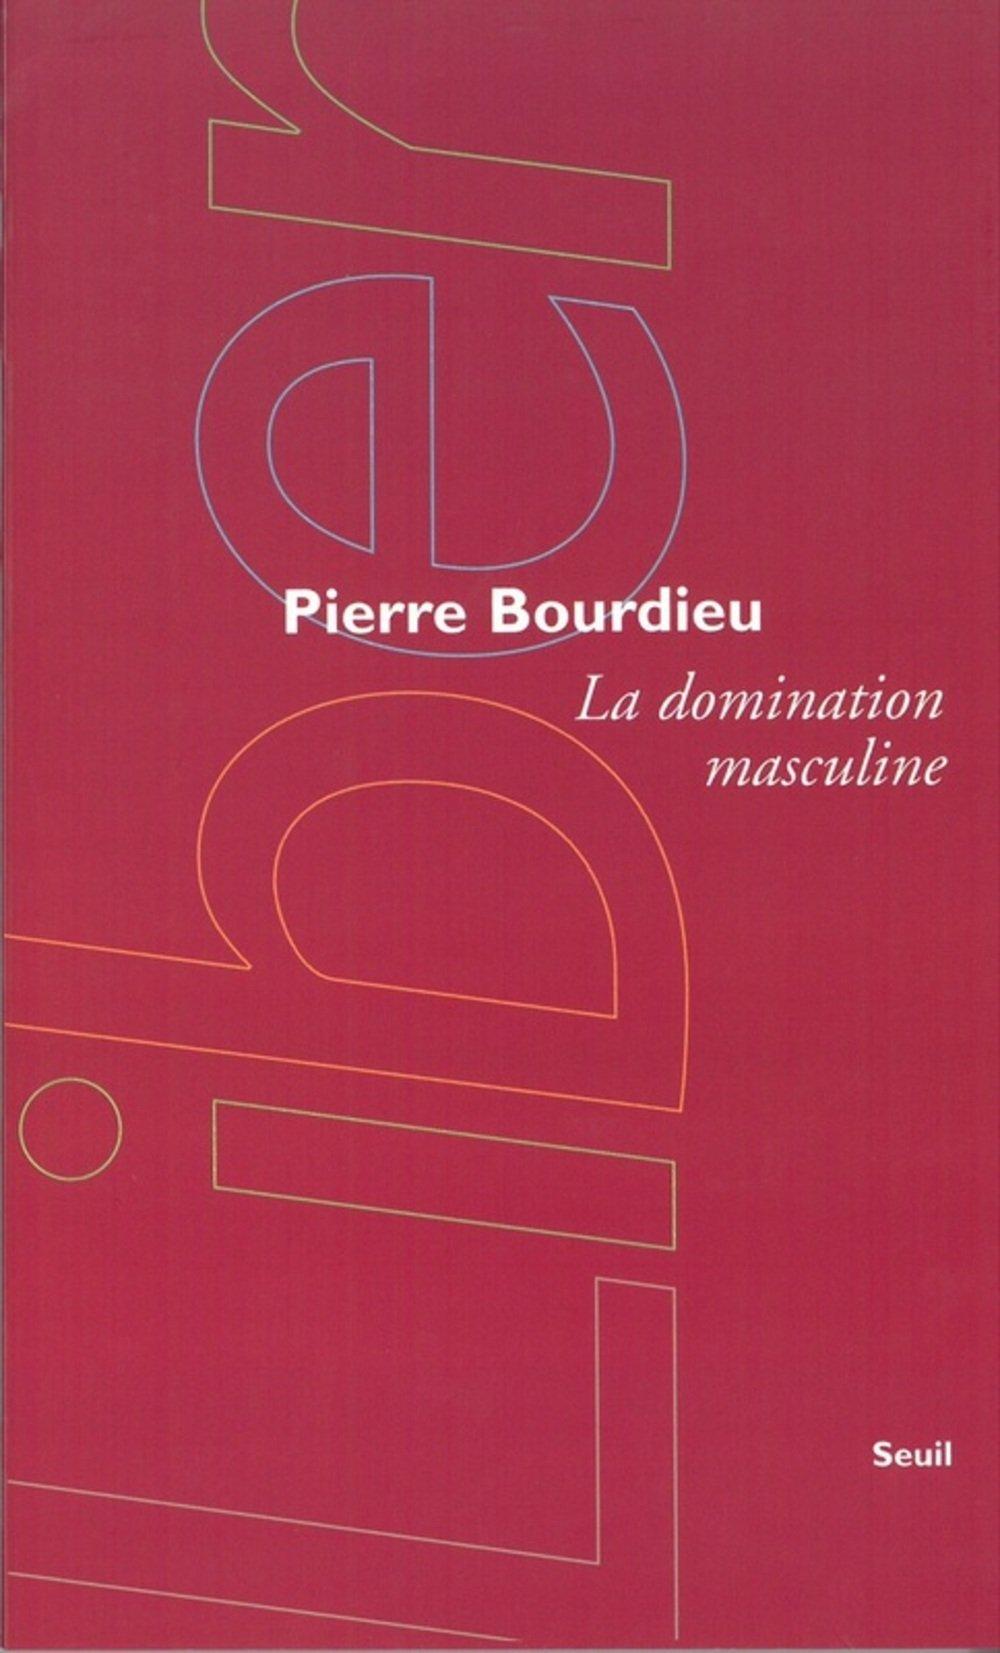 Amazon.fr - La domination masculine - Bourdieu, Pierre - Livres